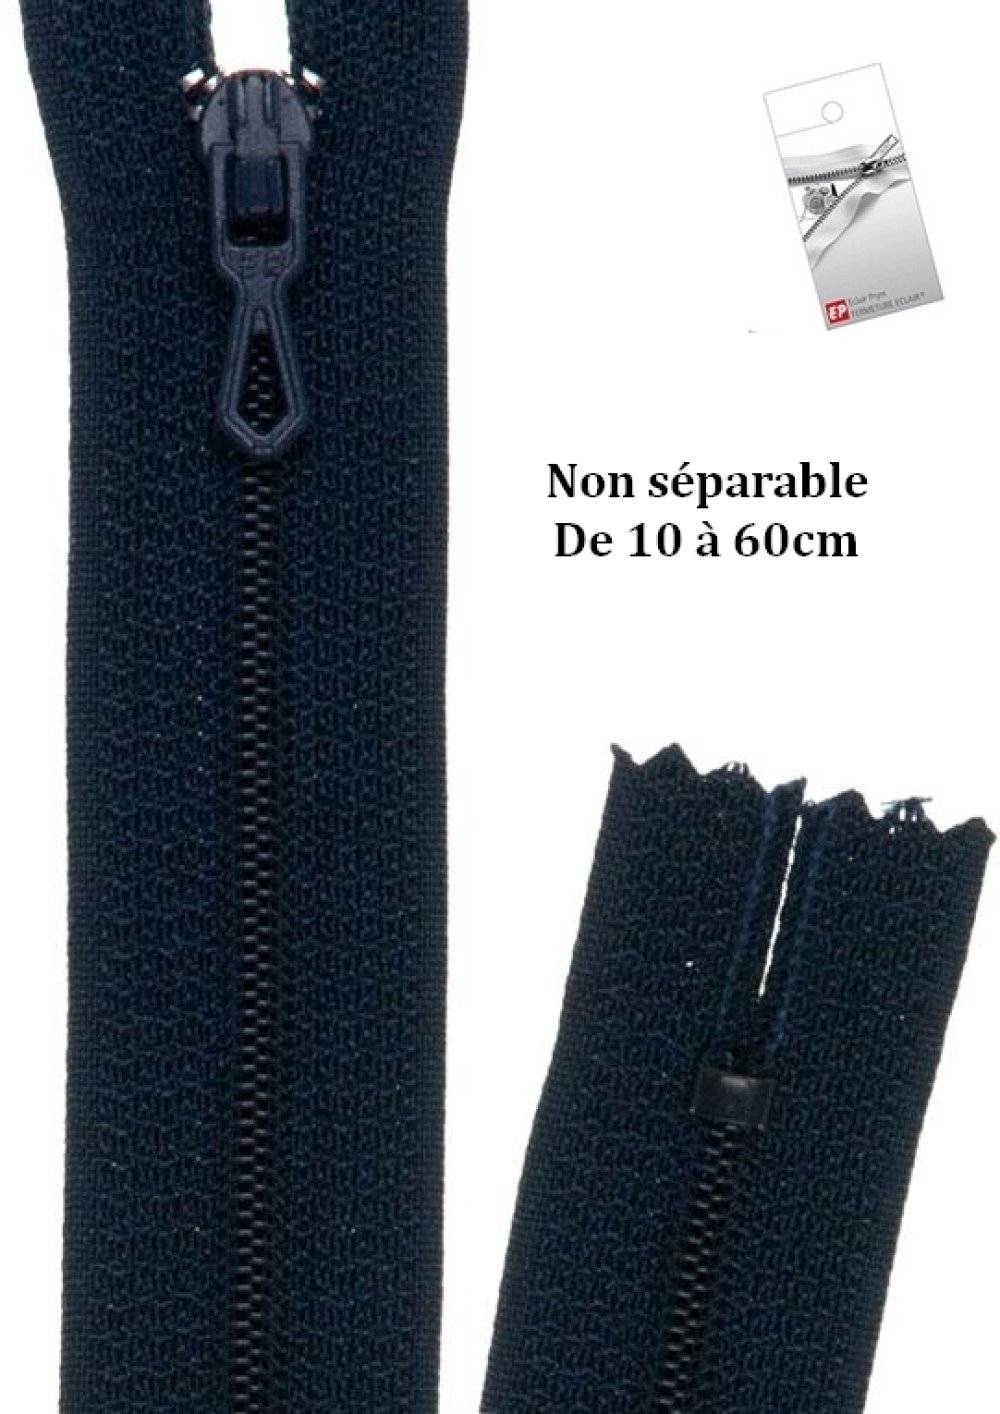 Fermeture éclair bleu marine non séparable 25cm de la marque Eclair Prestil Z51